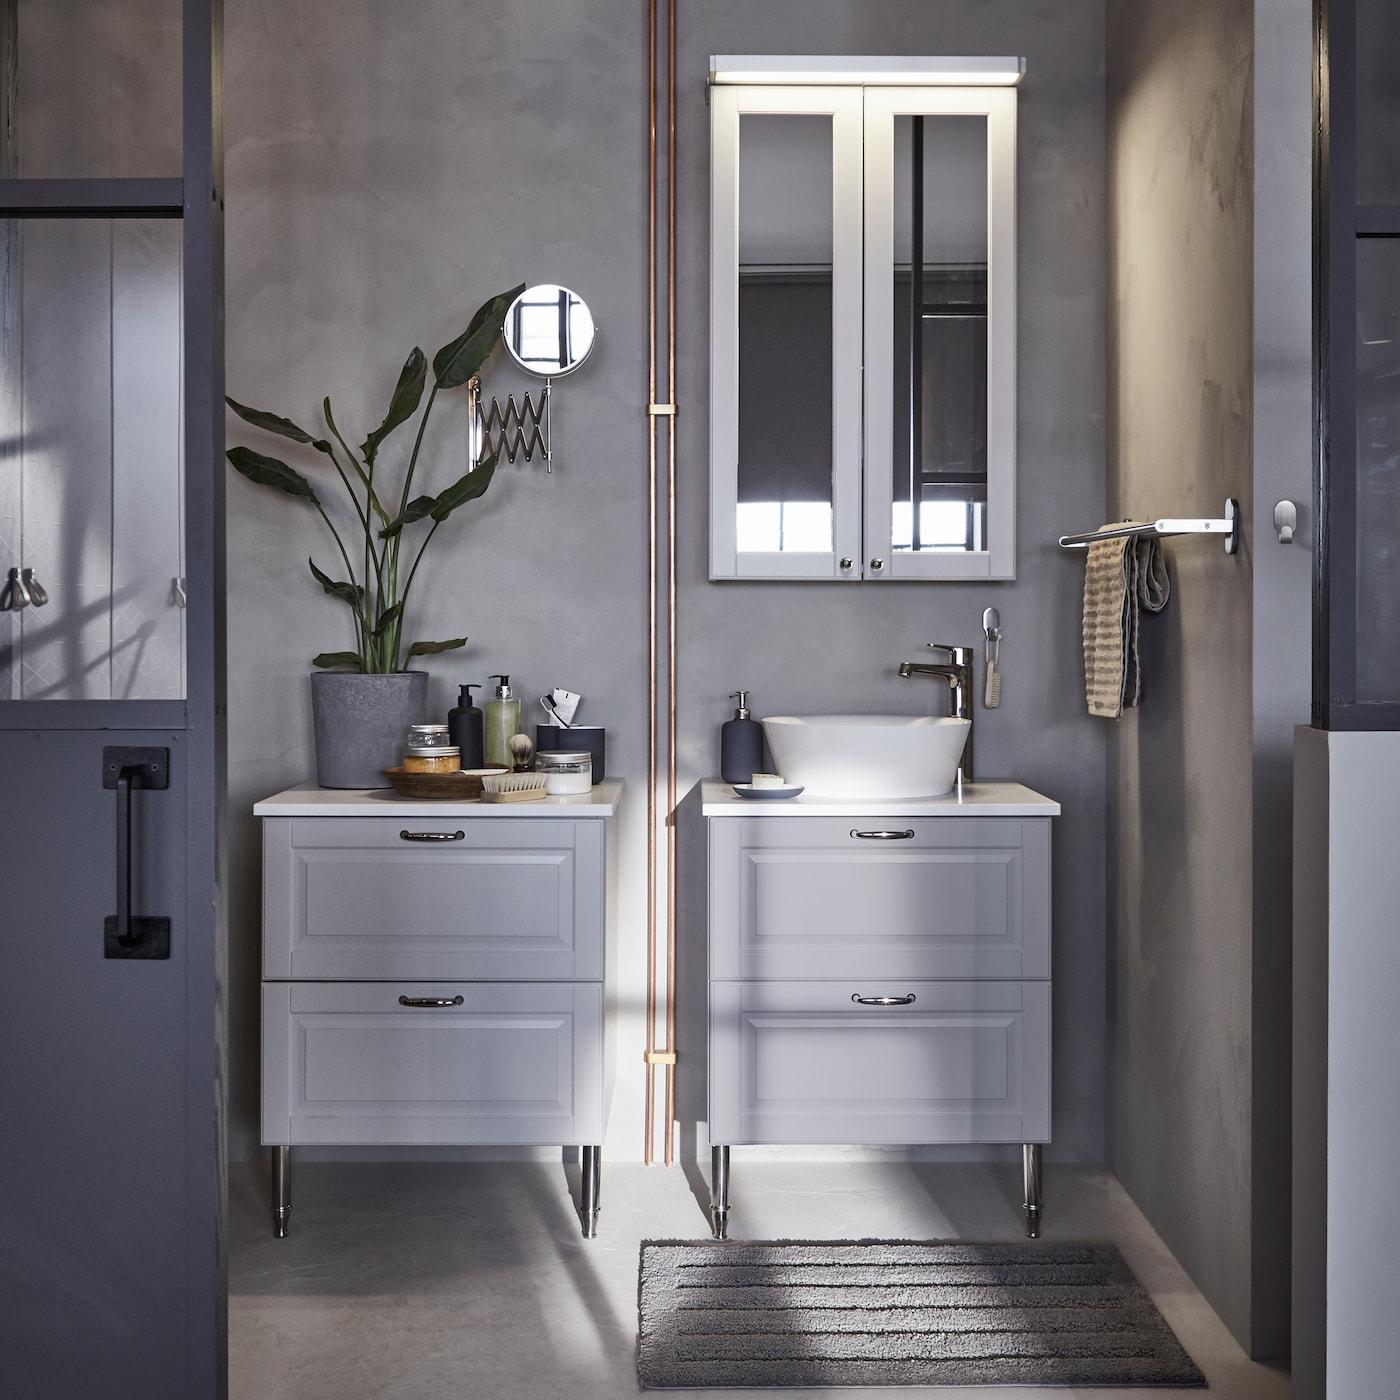 Les meubles lavabo gris clair avec tiroirs IKEA GODMORGON sont réalisés en bois massif et le plan de travail lisse en mélamine masque les traces de doigt et les éclaboussures.